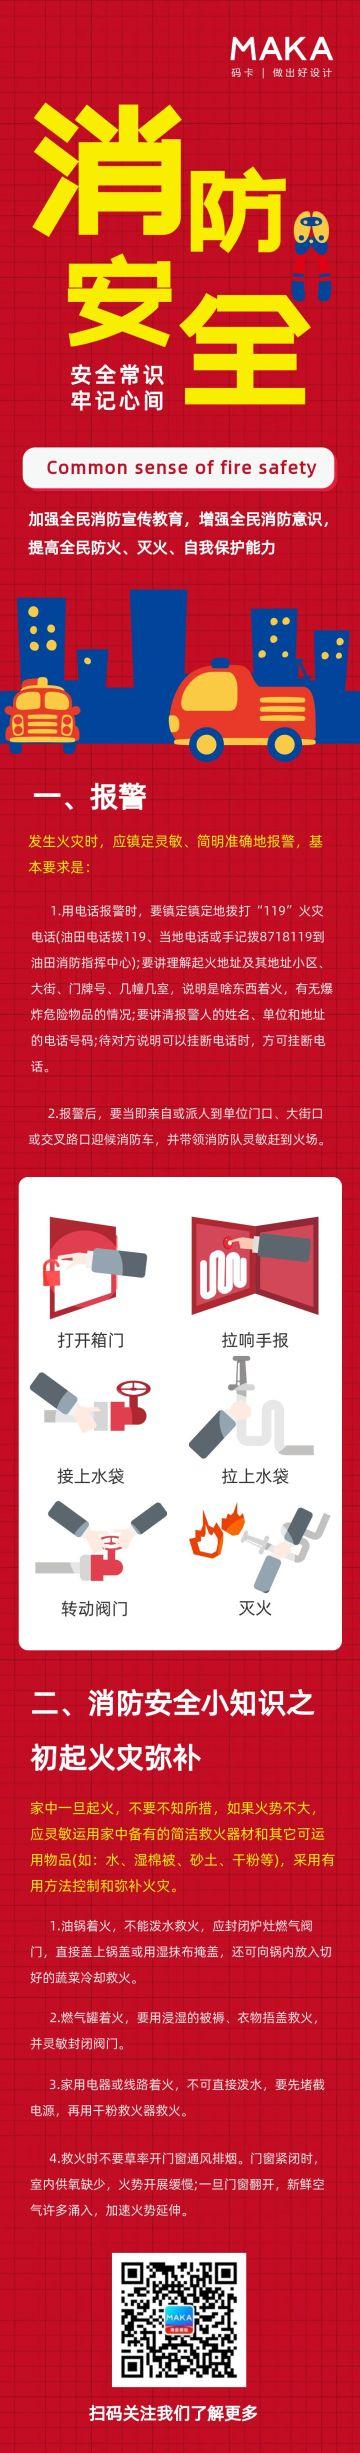 红色简约风格消防宣传日知识科普节日宣传长页长图片